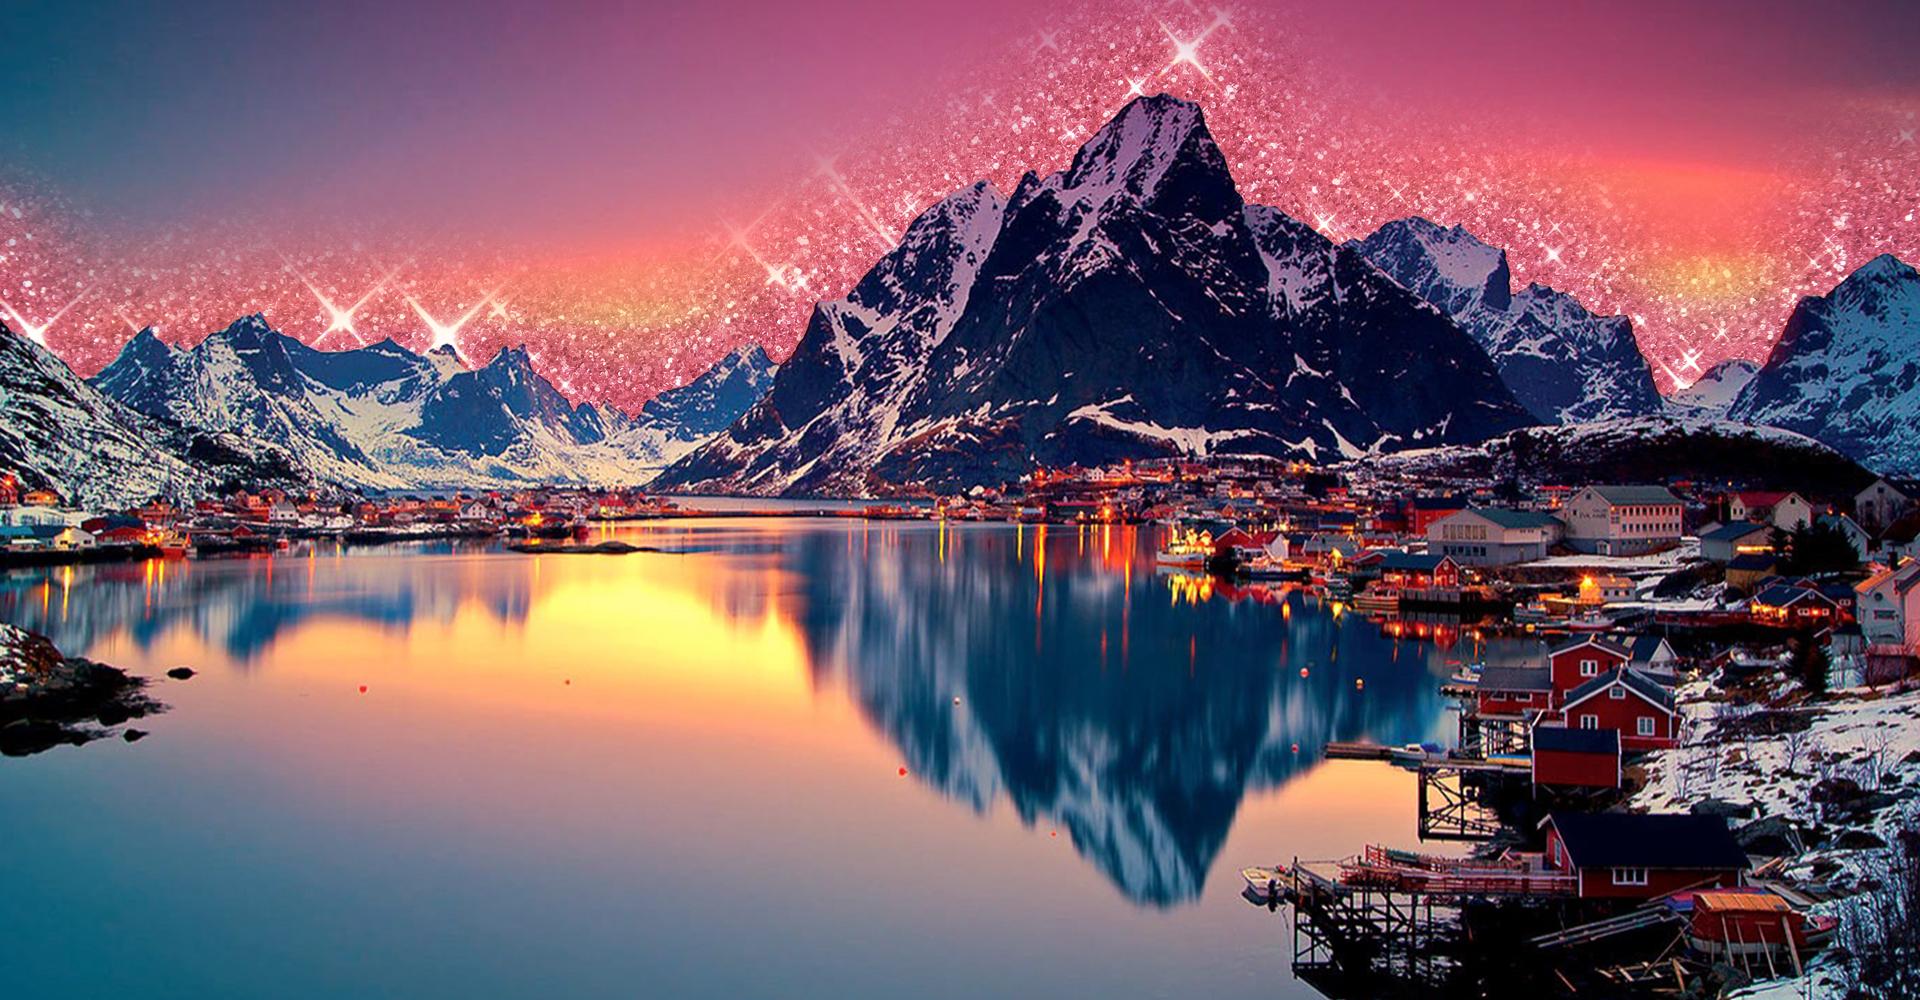 Isole Lofoten, l'arcipelago norvegese che è un sogno diventato realtà